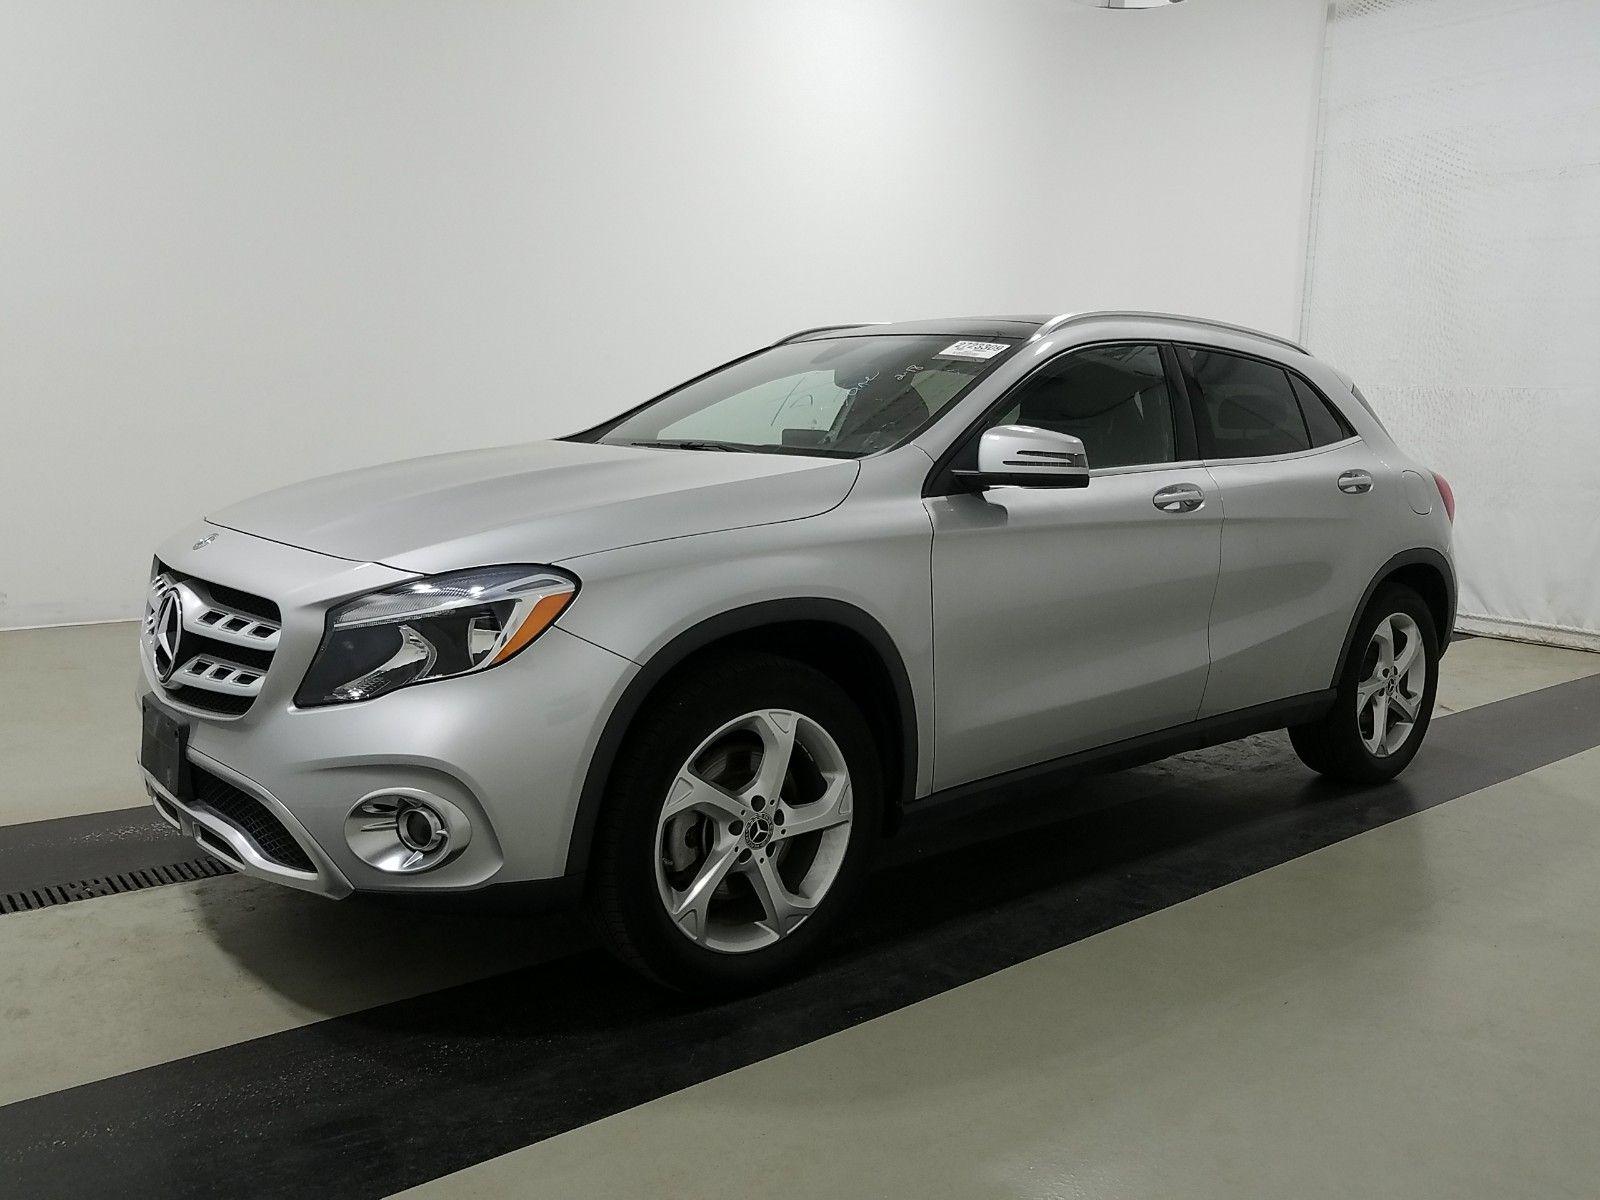 2018 Mercedes-benz Gla 2.0. Lot 99913196120 Vin WDCTG4GB8JJ390505